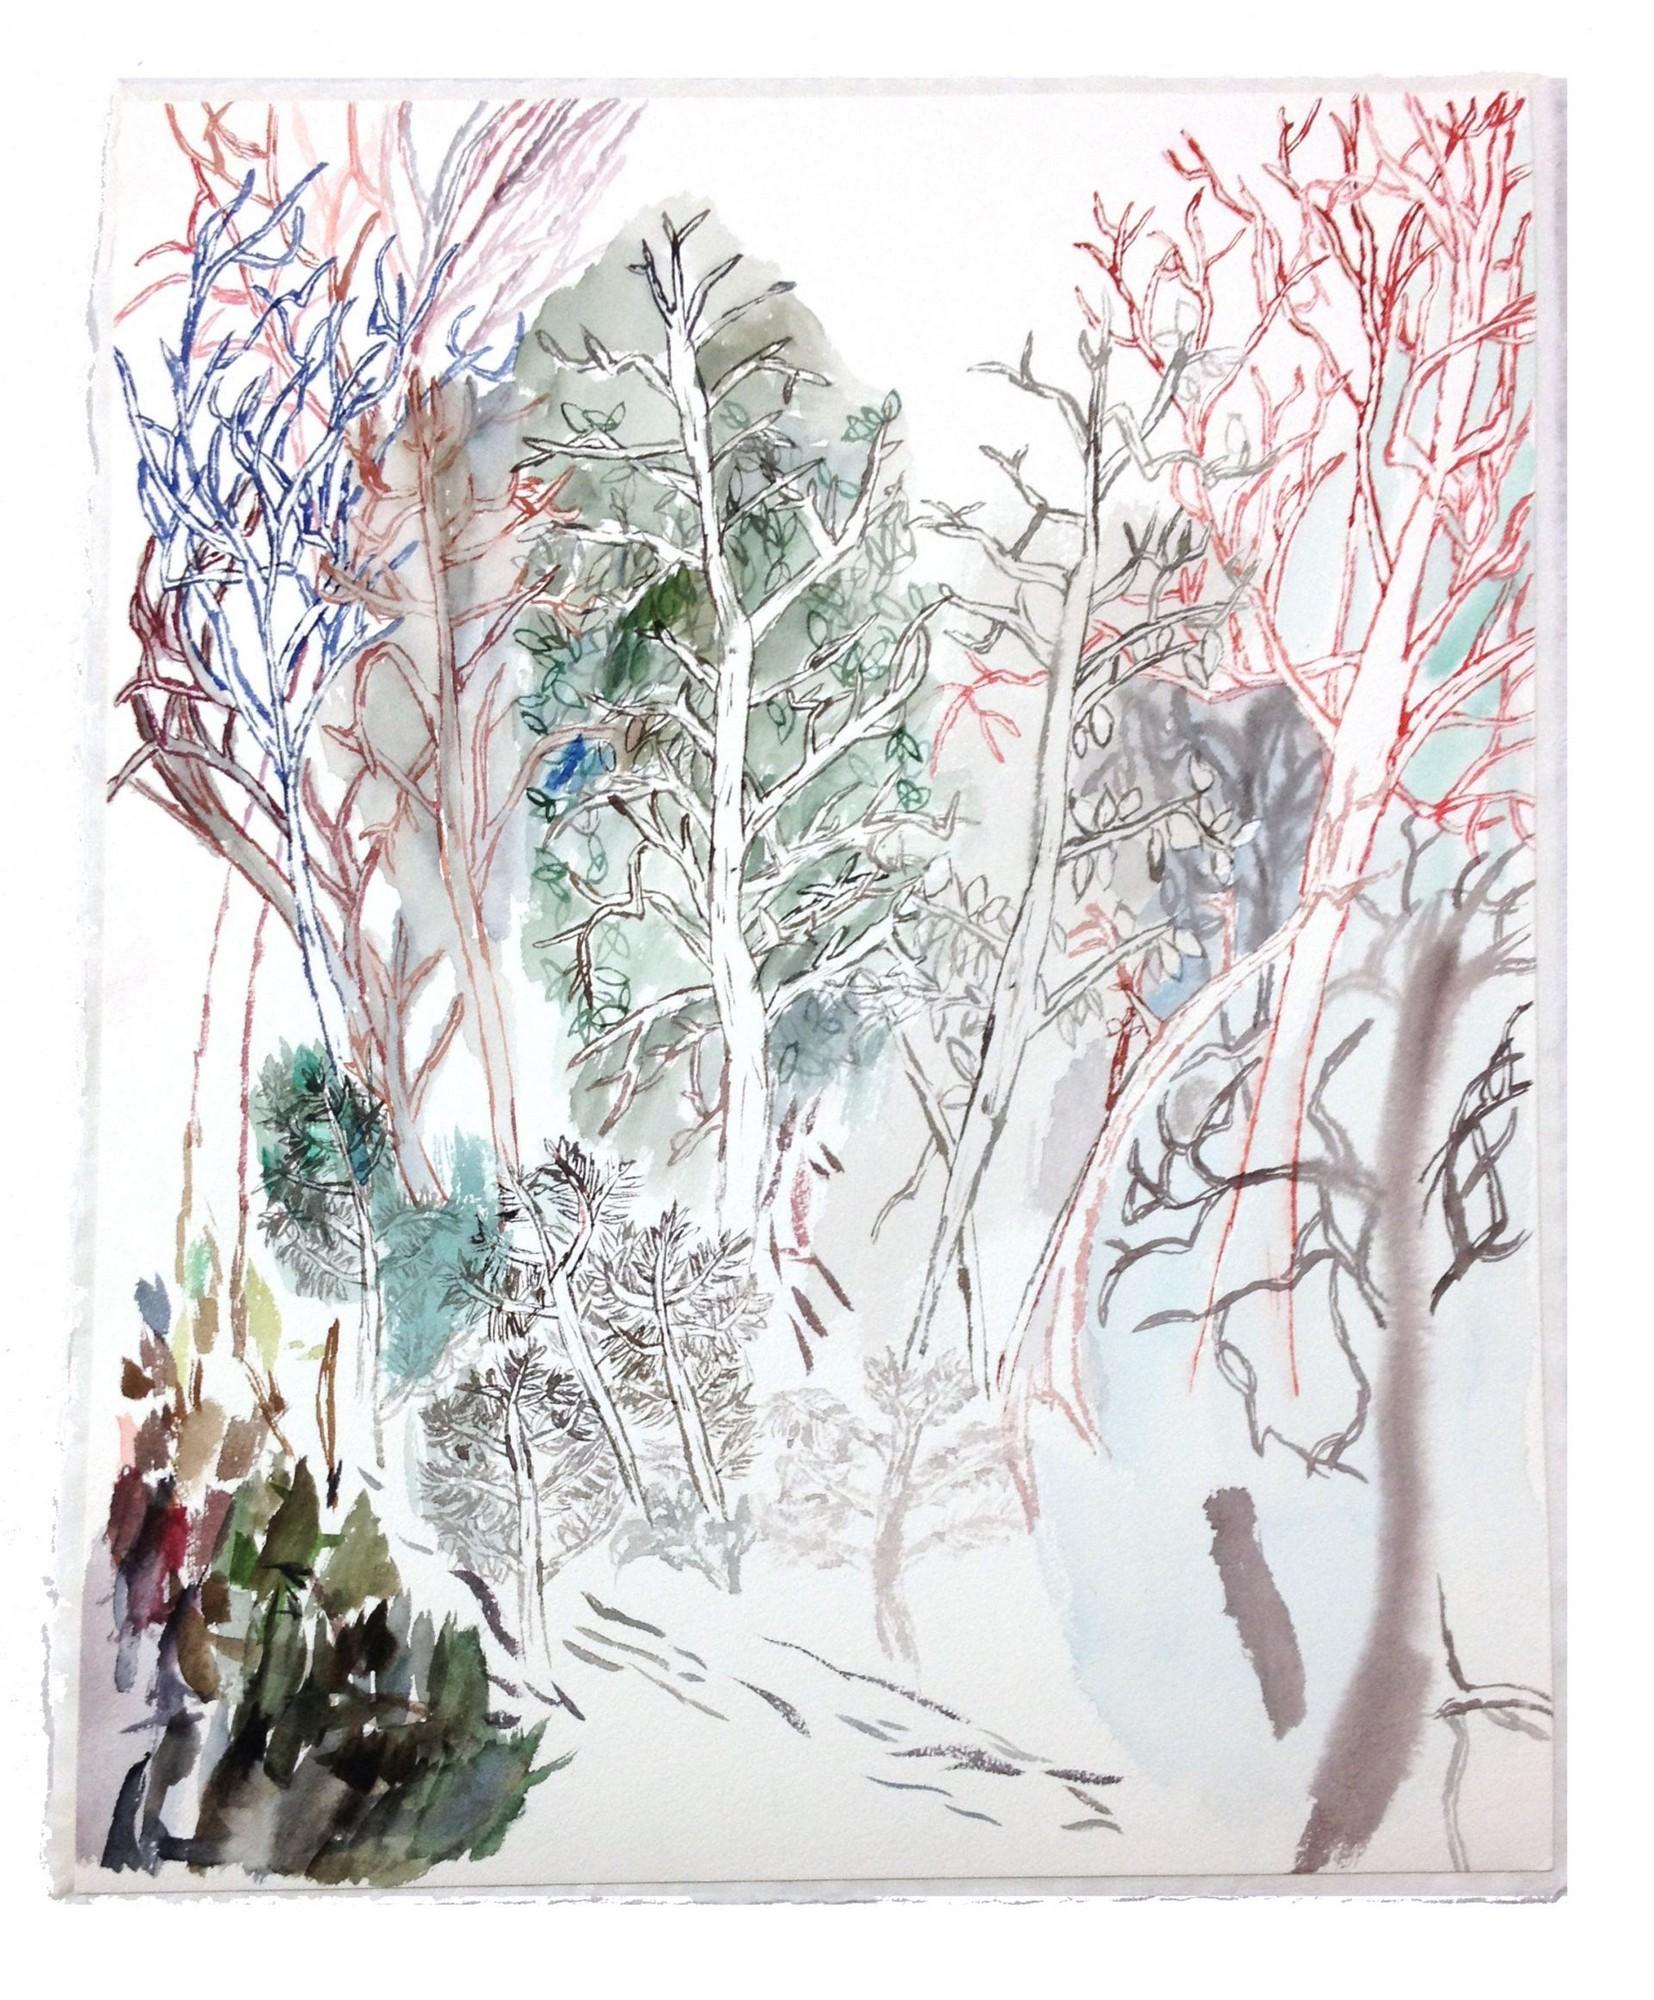 Praca Ryoko Aoki (źródło: materiały prasowe)